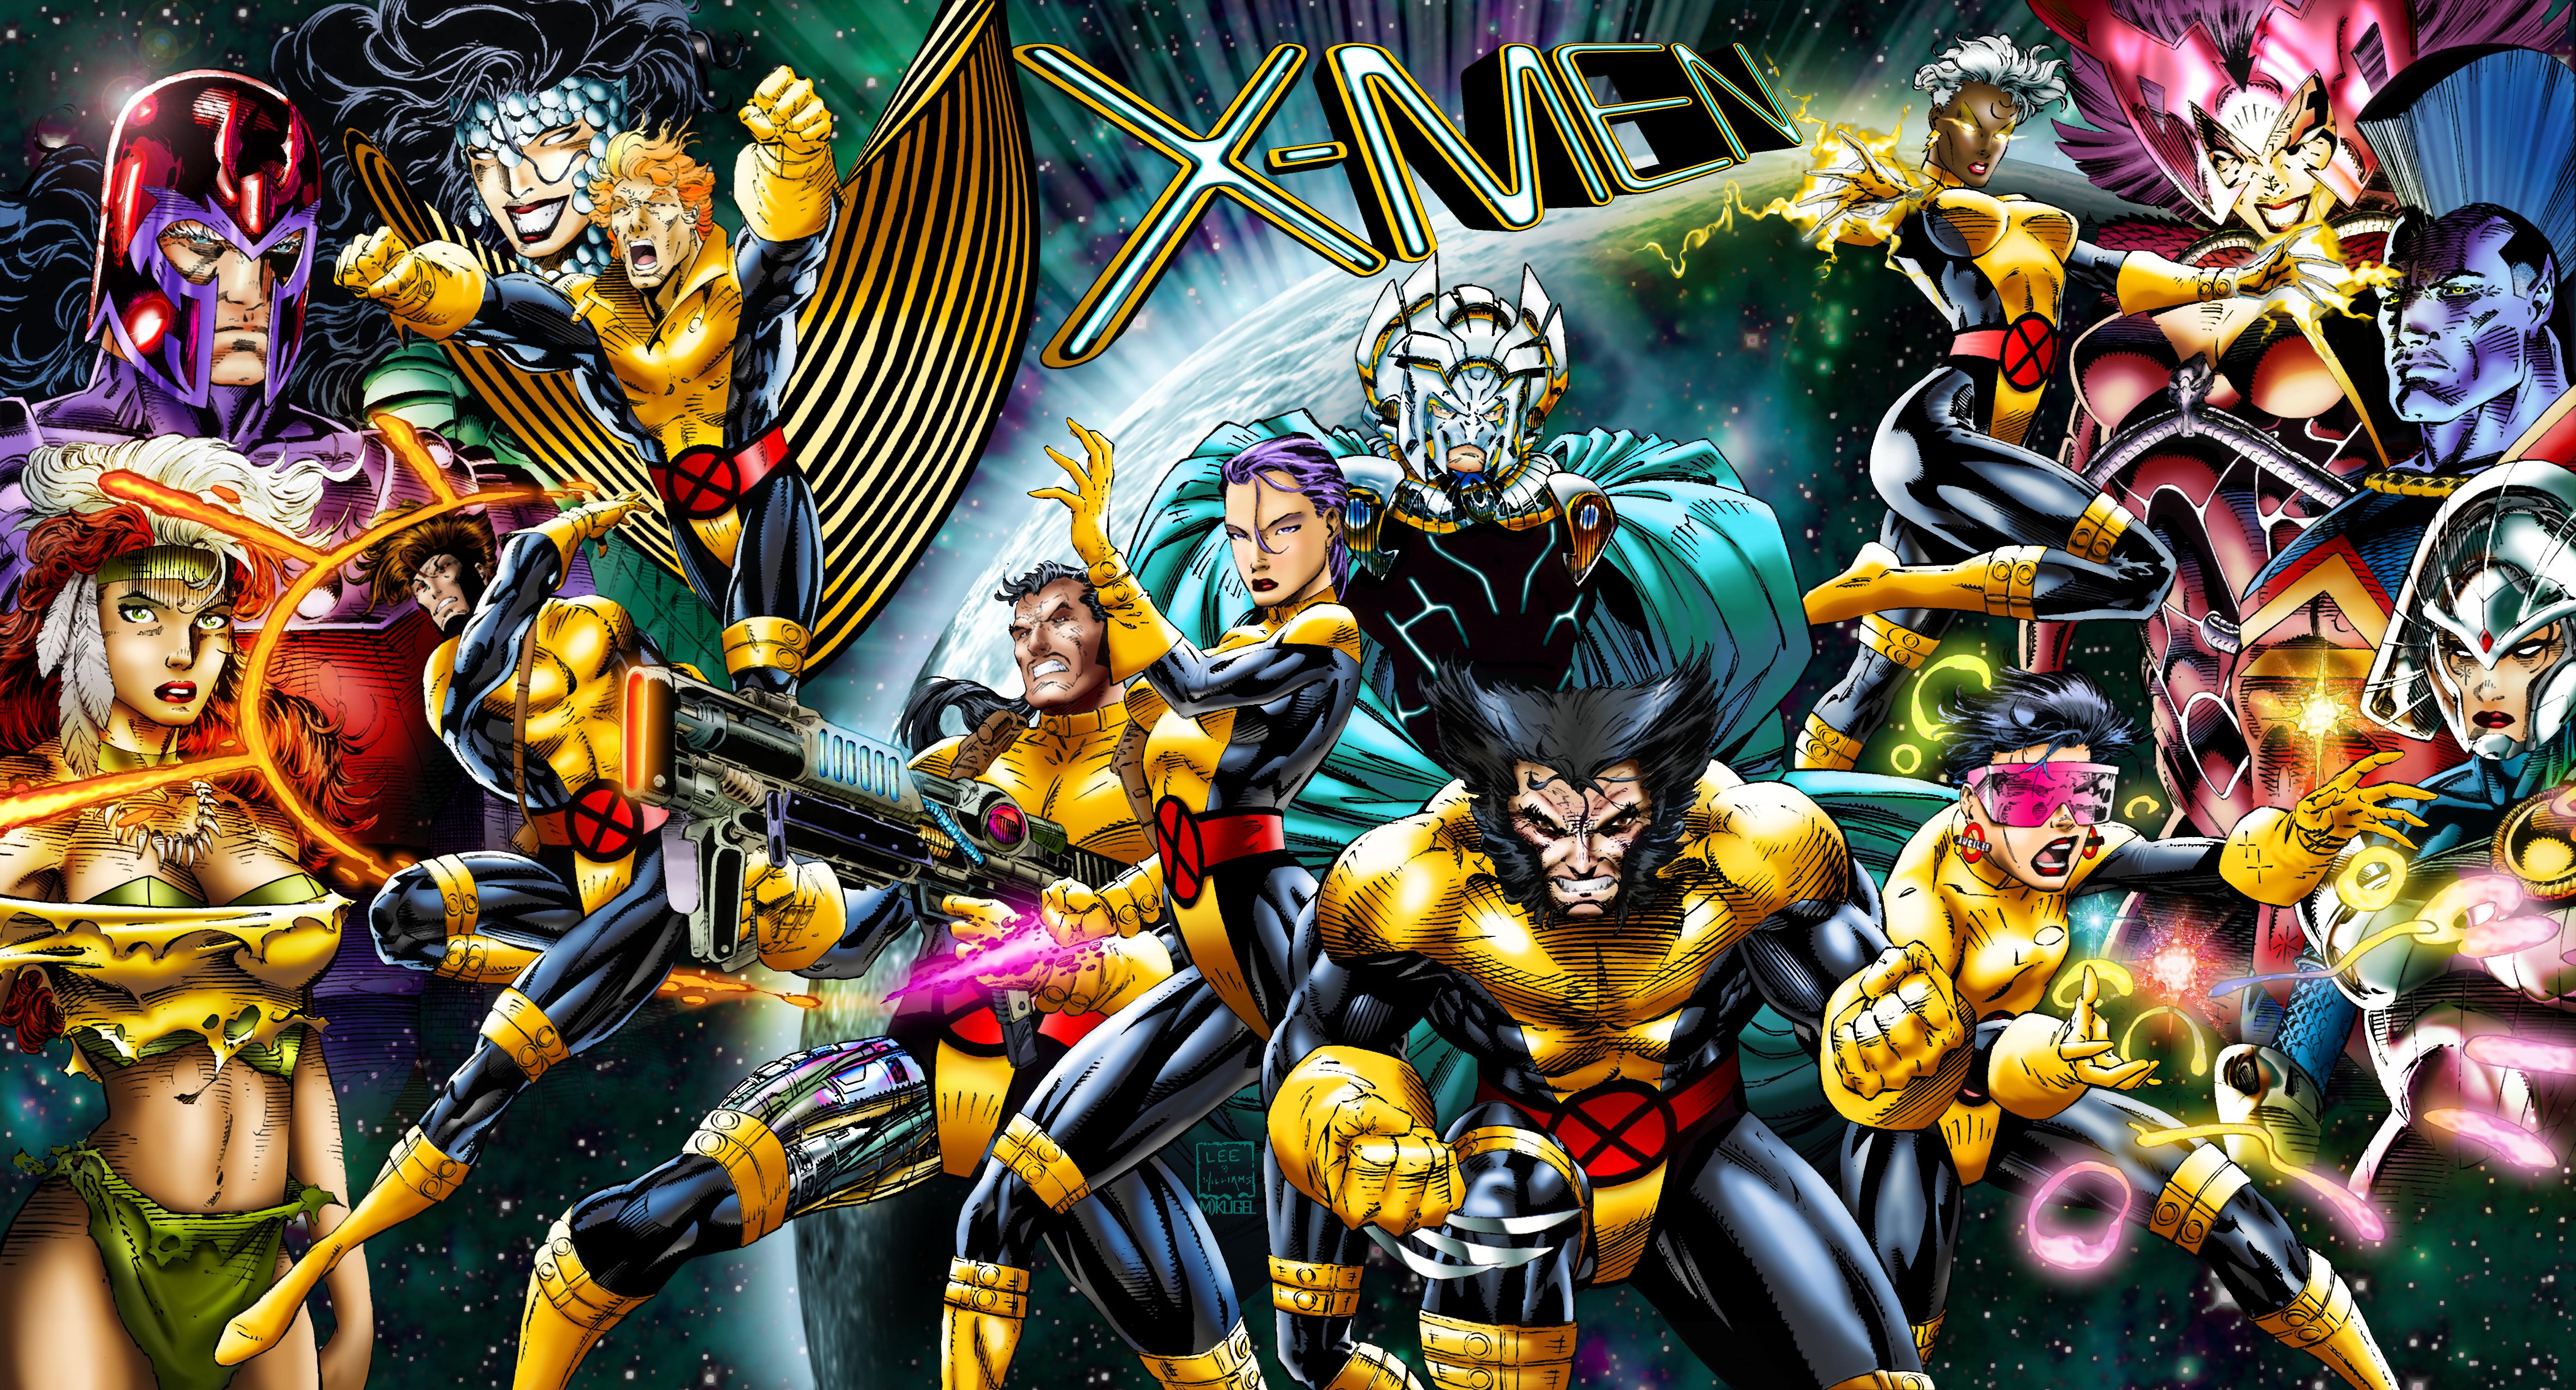 Uncanny X Men Wallpaper 5576x3009